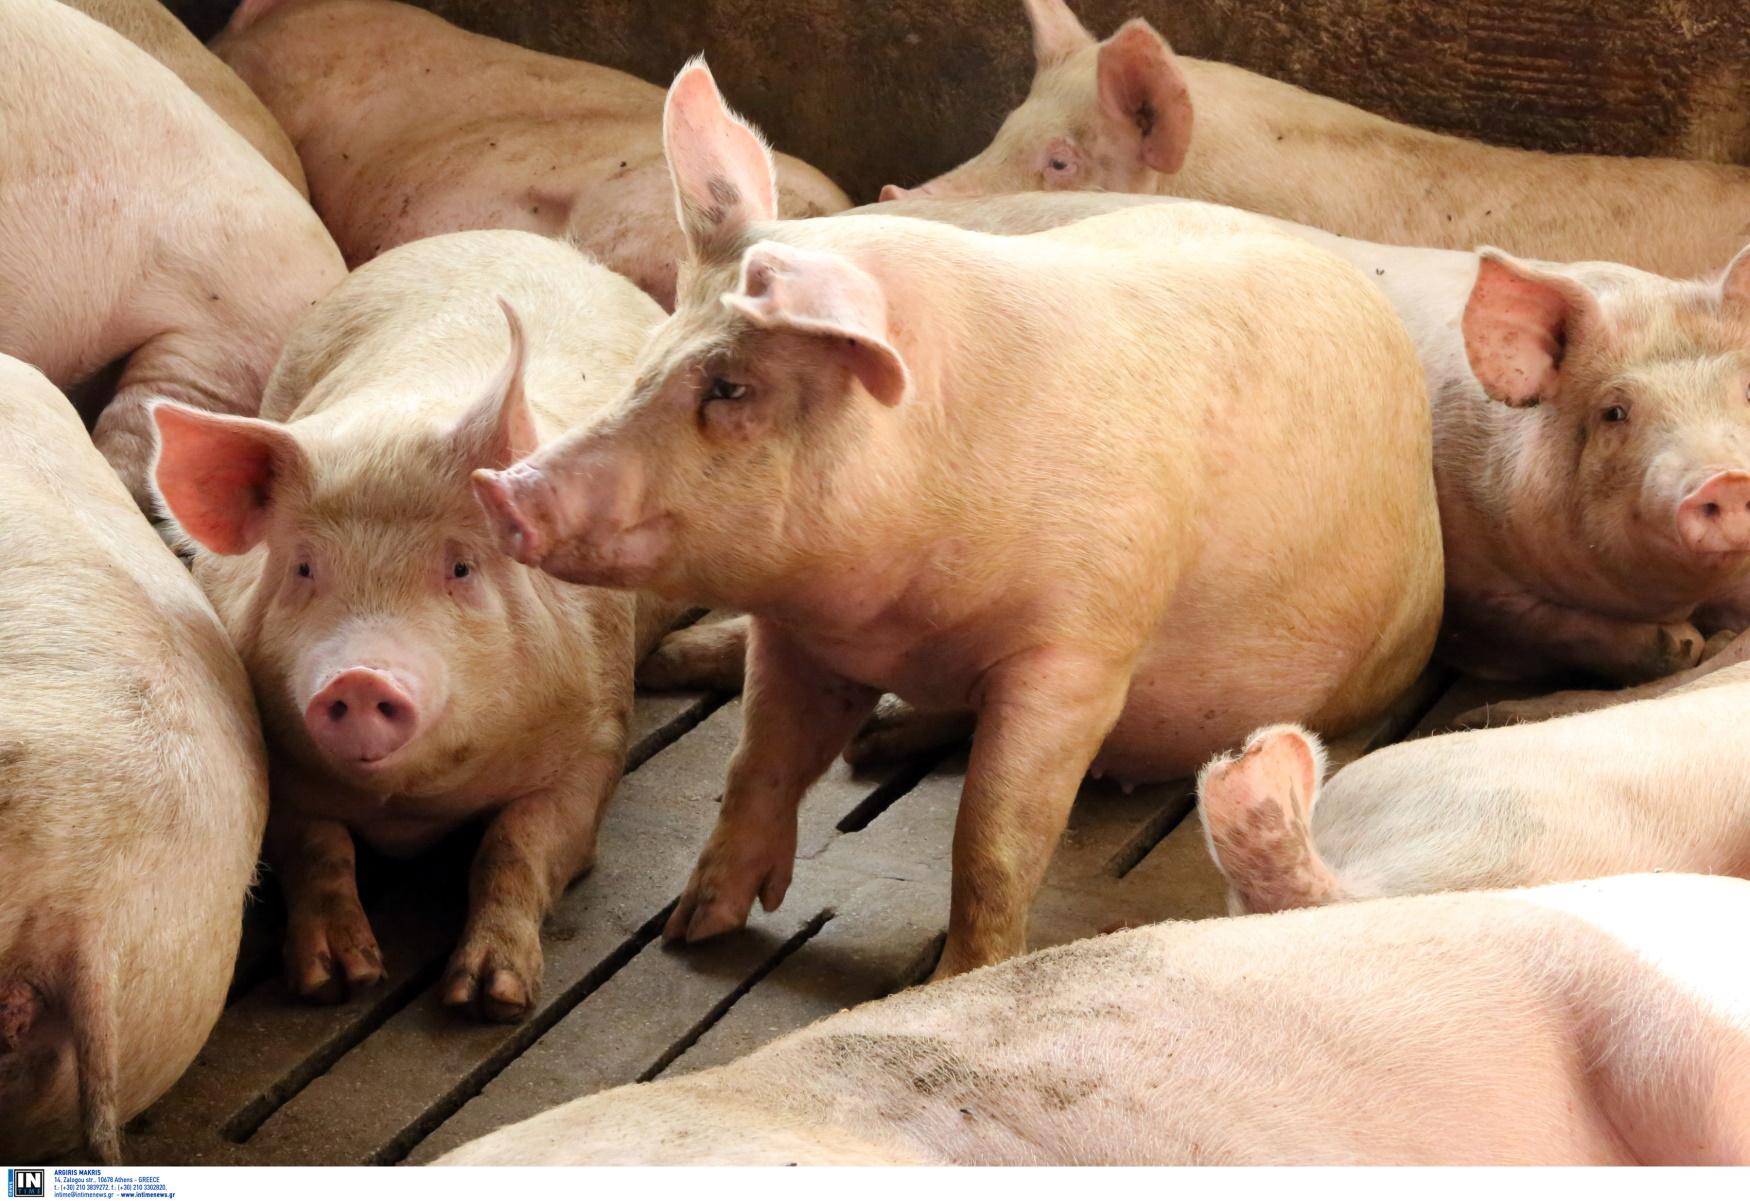 Ζίτσα Ιωαννίνων: Έξαλλοι οι κάτοικοι – «Κάποιος αφήνει νεκρά γουρούνια έξω από τα σπίτια μας»